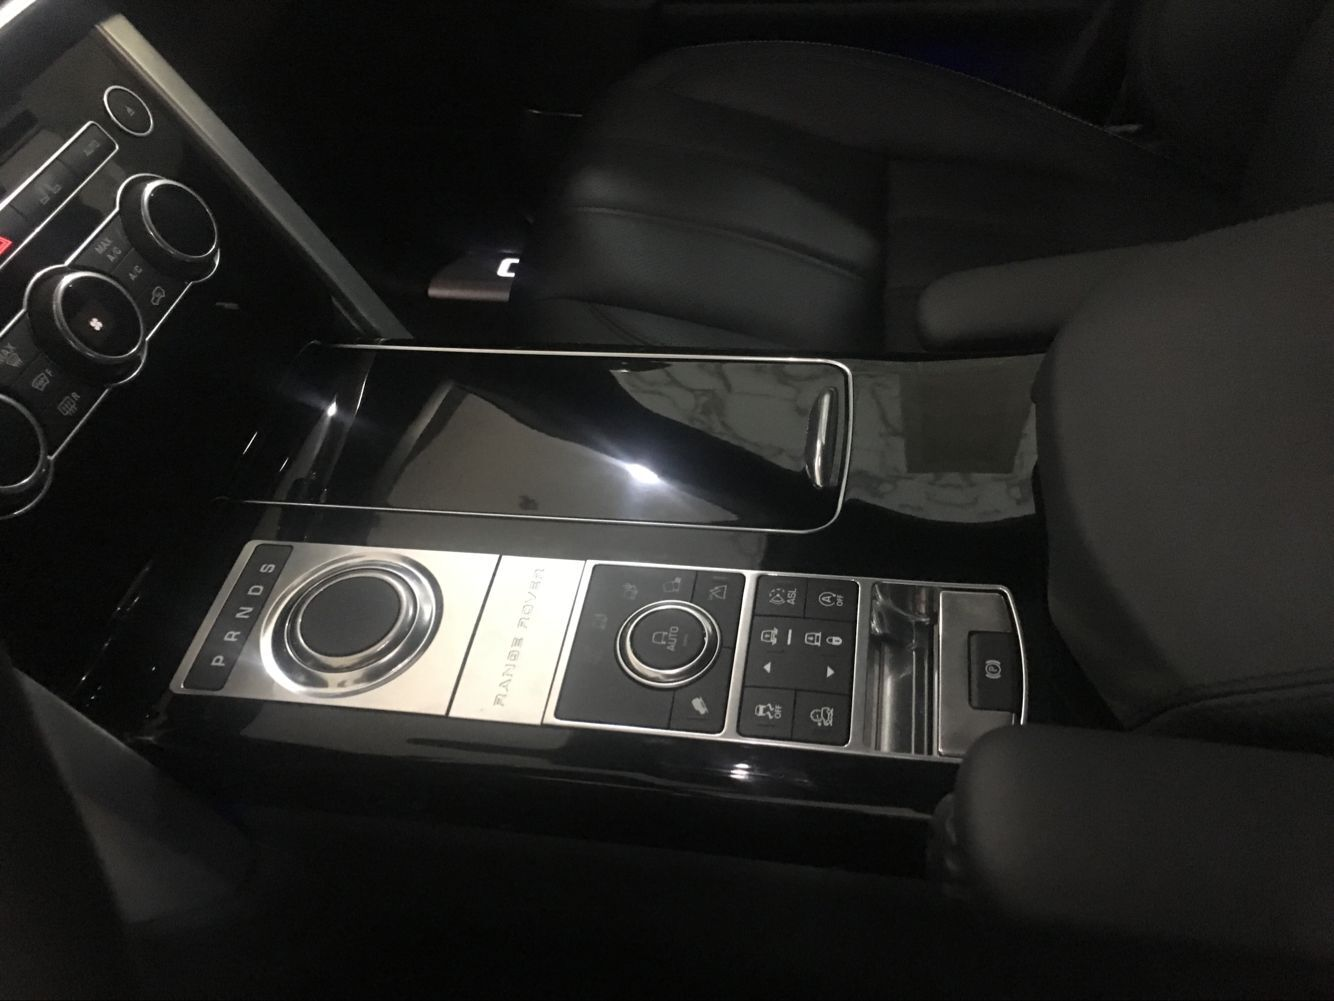 外观方面:路虎揽胜创世是一款真正的顶级奢华全方位运动型SUV,路虎揽胜行政创世加长欧规版新车外观都是简约直线条,整体造型硬朗大气,符合其大型SUV的身份定位。路虎揽胜前脸看起来更加方正硬朗,三横幅式前进气格栅、全新设计的前大灯和保险杠使得 全新揽胜更具力量感。引擎盖与翼子板下的空隙联通至车侧进气口与高耸的轮眉配合肌肉感十足。保险杠两侧有明显的凸起,搭配重新设计的极为锐利的大灯线条。奔放的运动感,冲劲十足。路虎揽胜创世气韵流畅,极富表现力,前后LED灯流畅得融入车身肩部,呈现出最新揽胜家族所独有 的锥形光刀